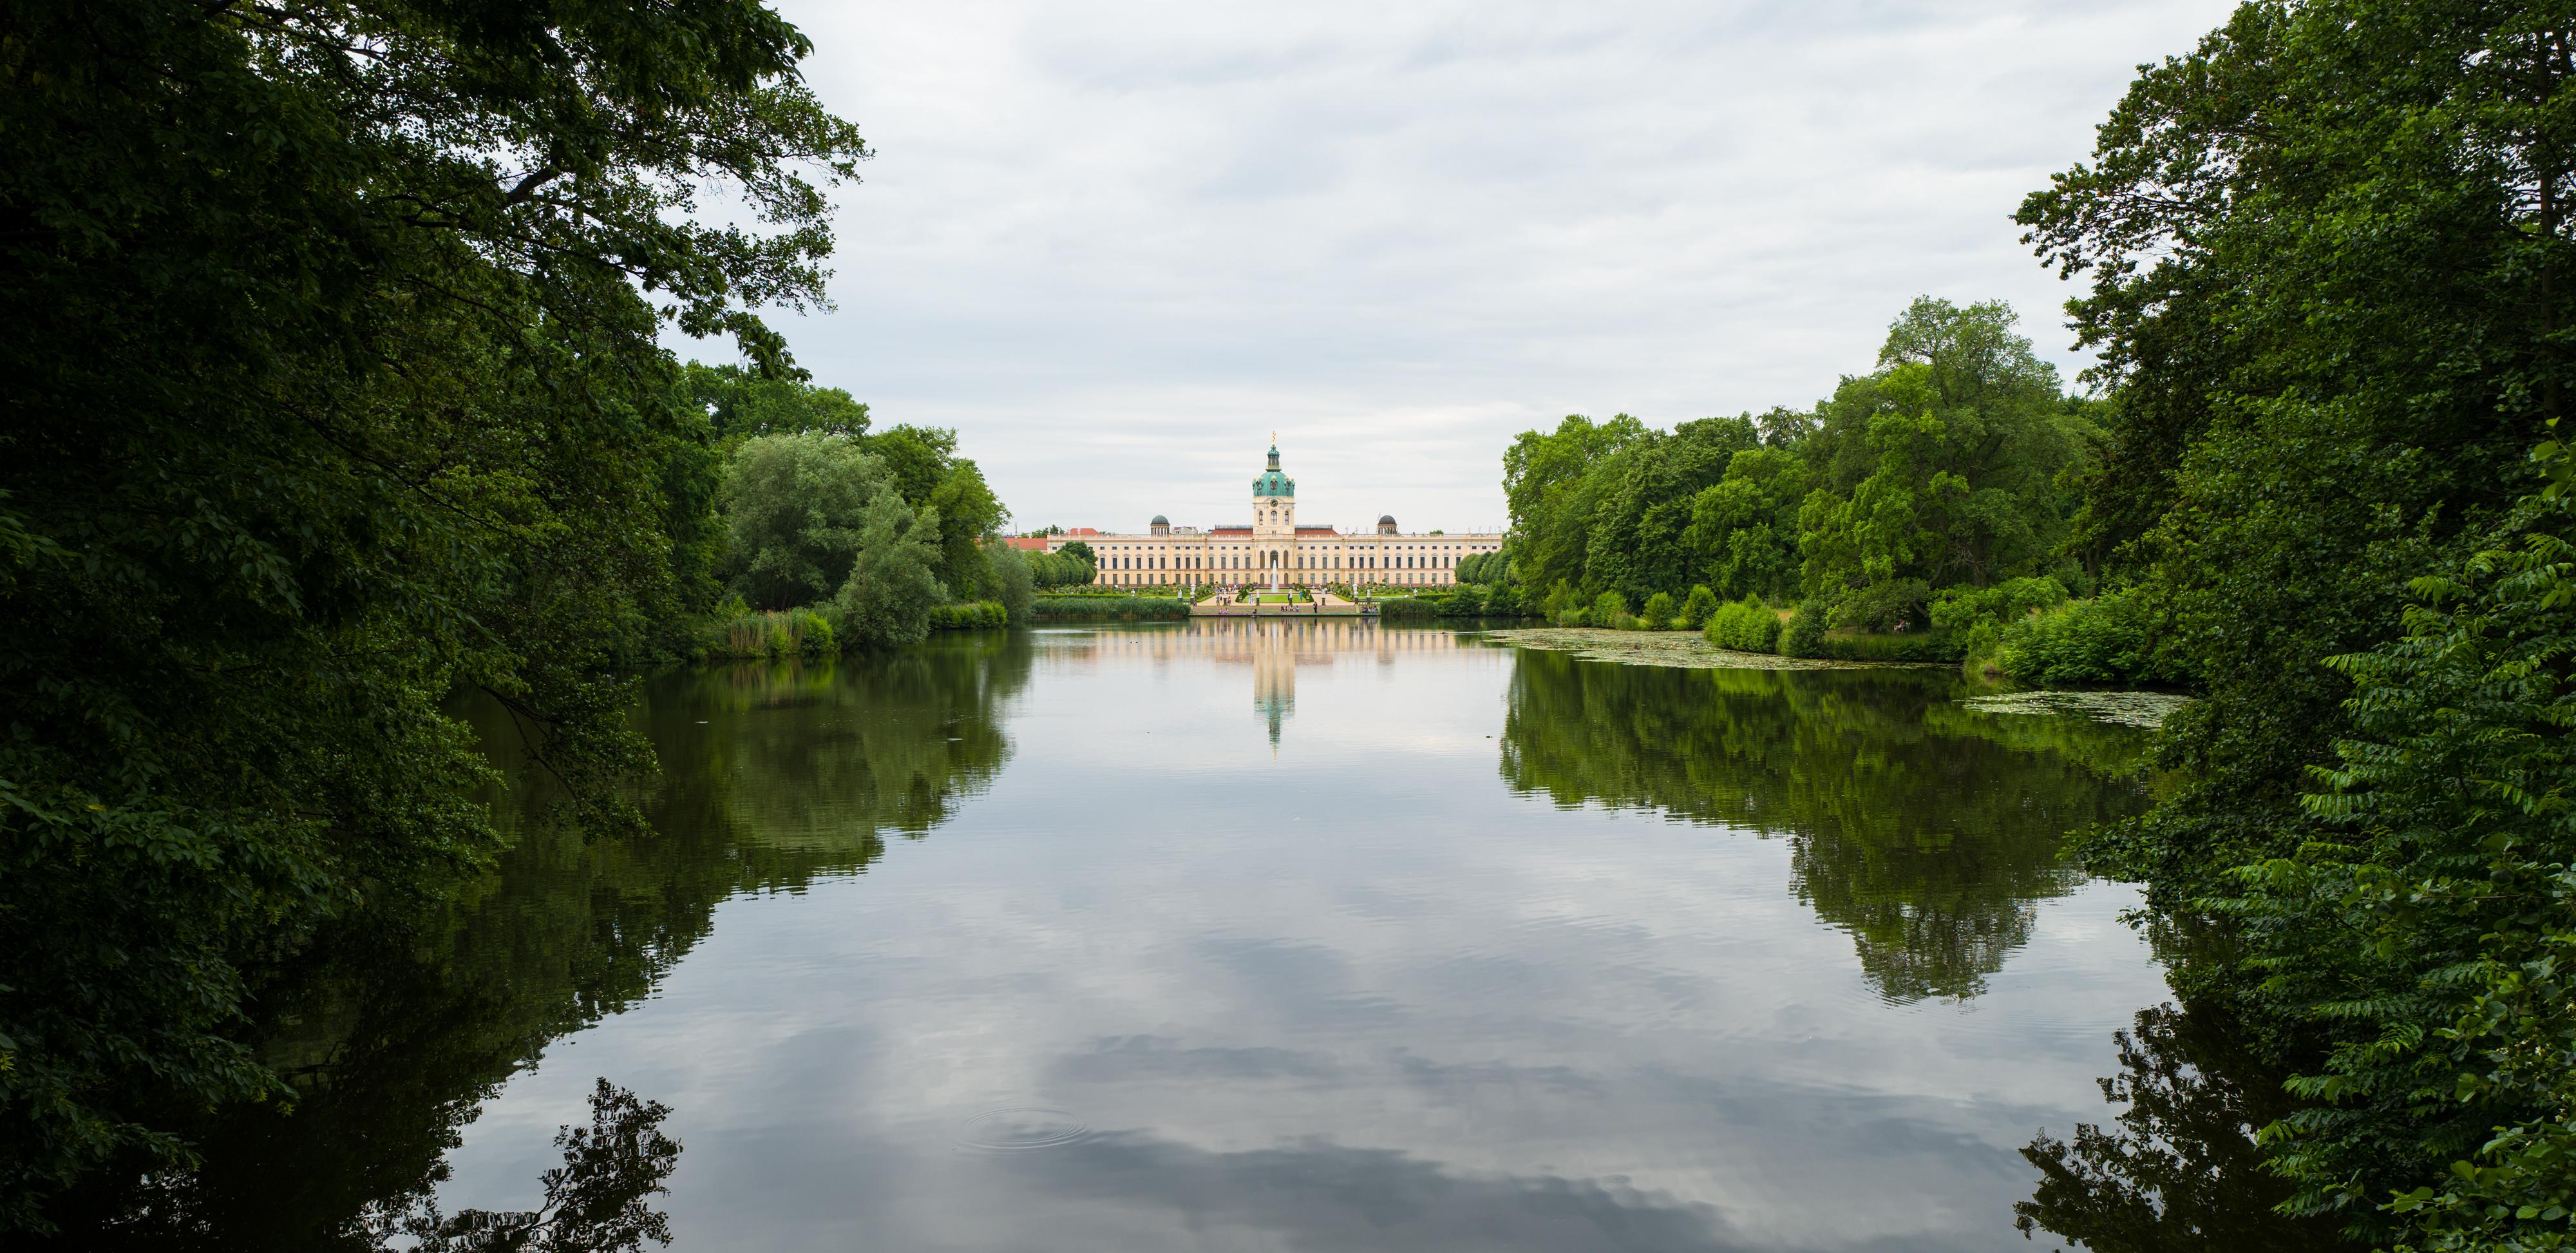 Schloss Charlottenburg ©Johannes Ra